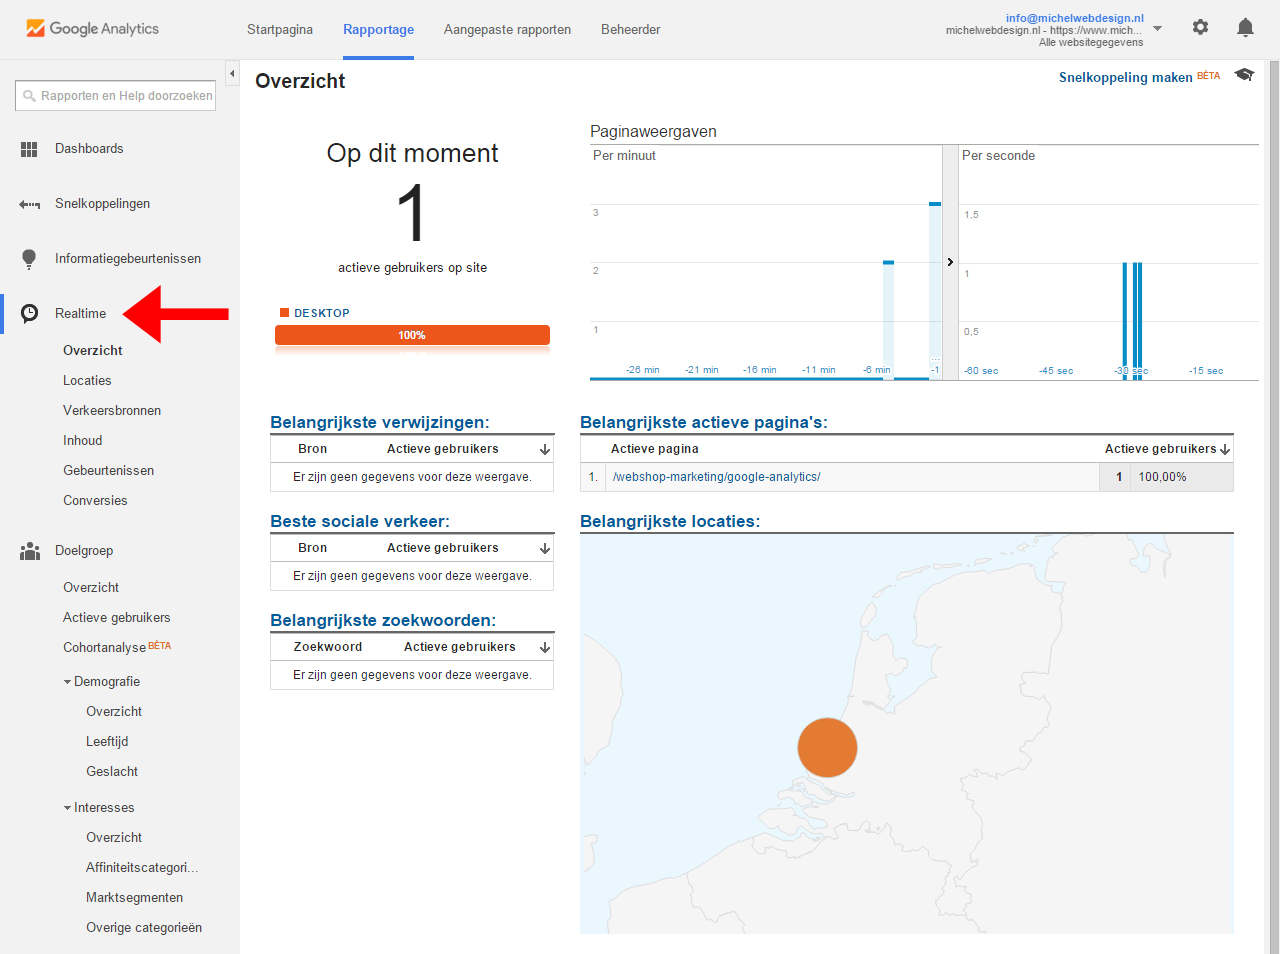 Realtime webshop bezoekers